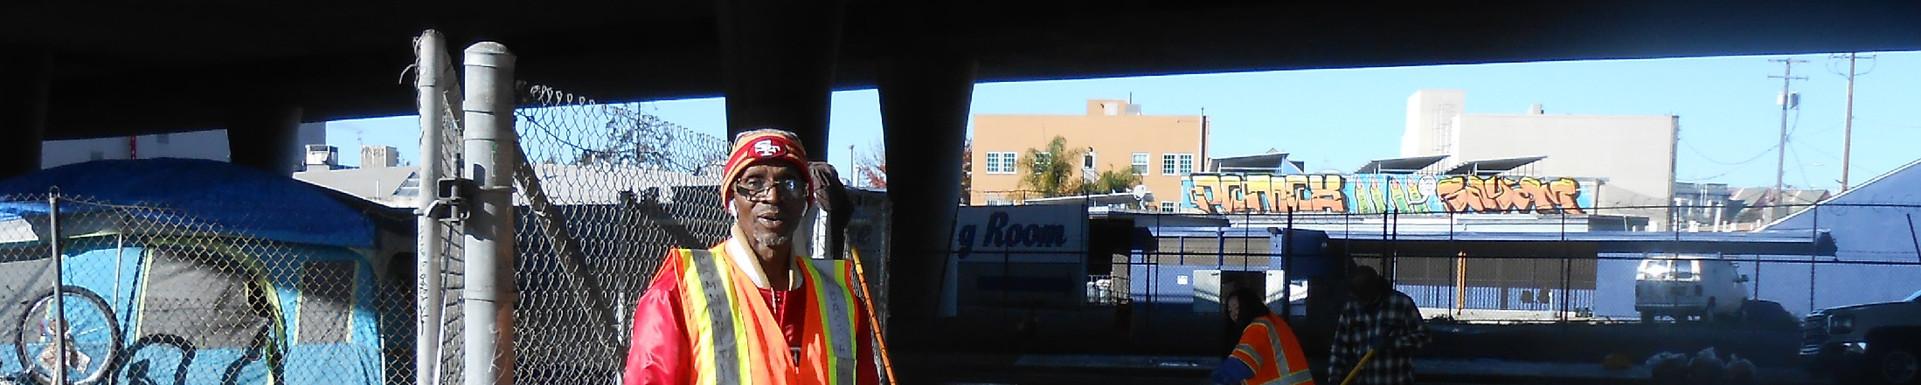 Melvin Ross Jr 012119 MLK DOS_edited.jpg